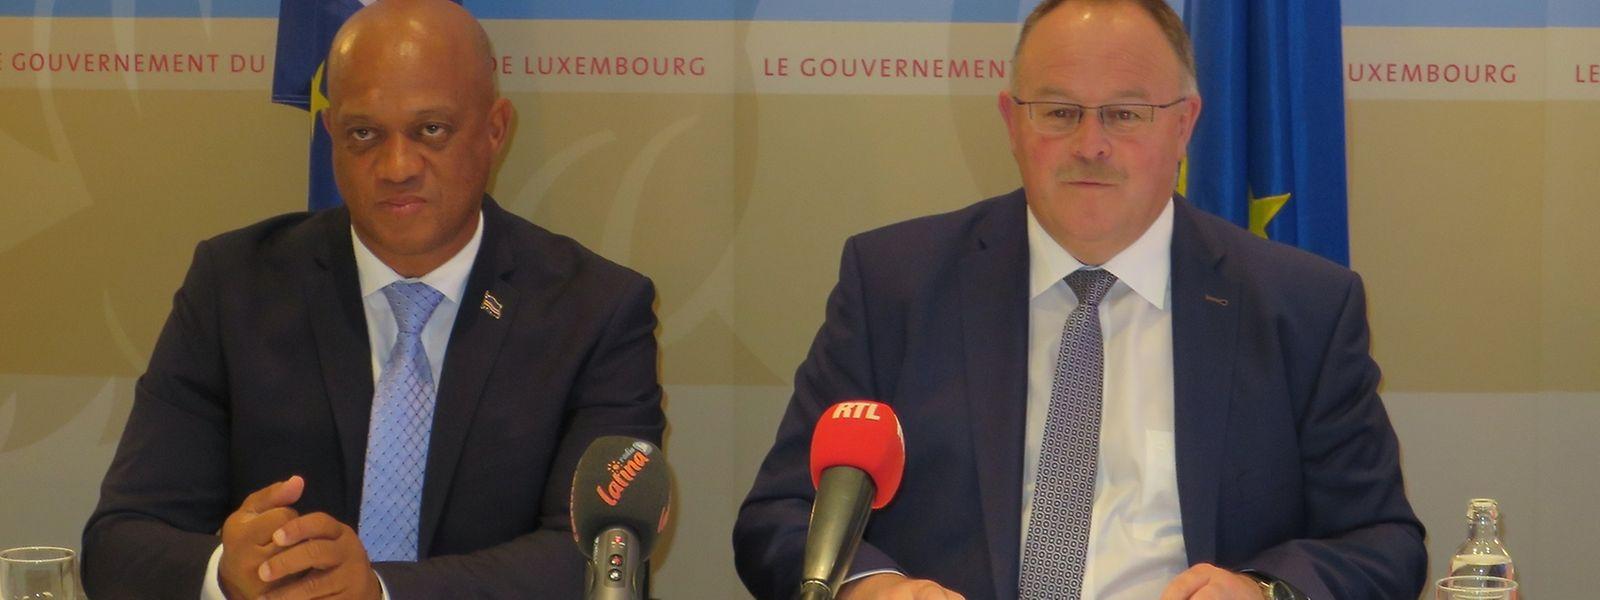 Luís Filipe Tavares e Romain Schneider qualificam as relações entre Luxemburgo e Cabo Verde como exemplares